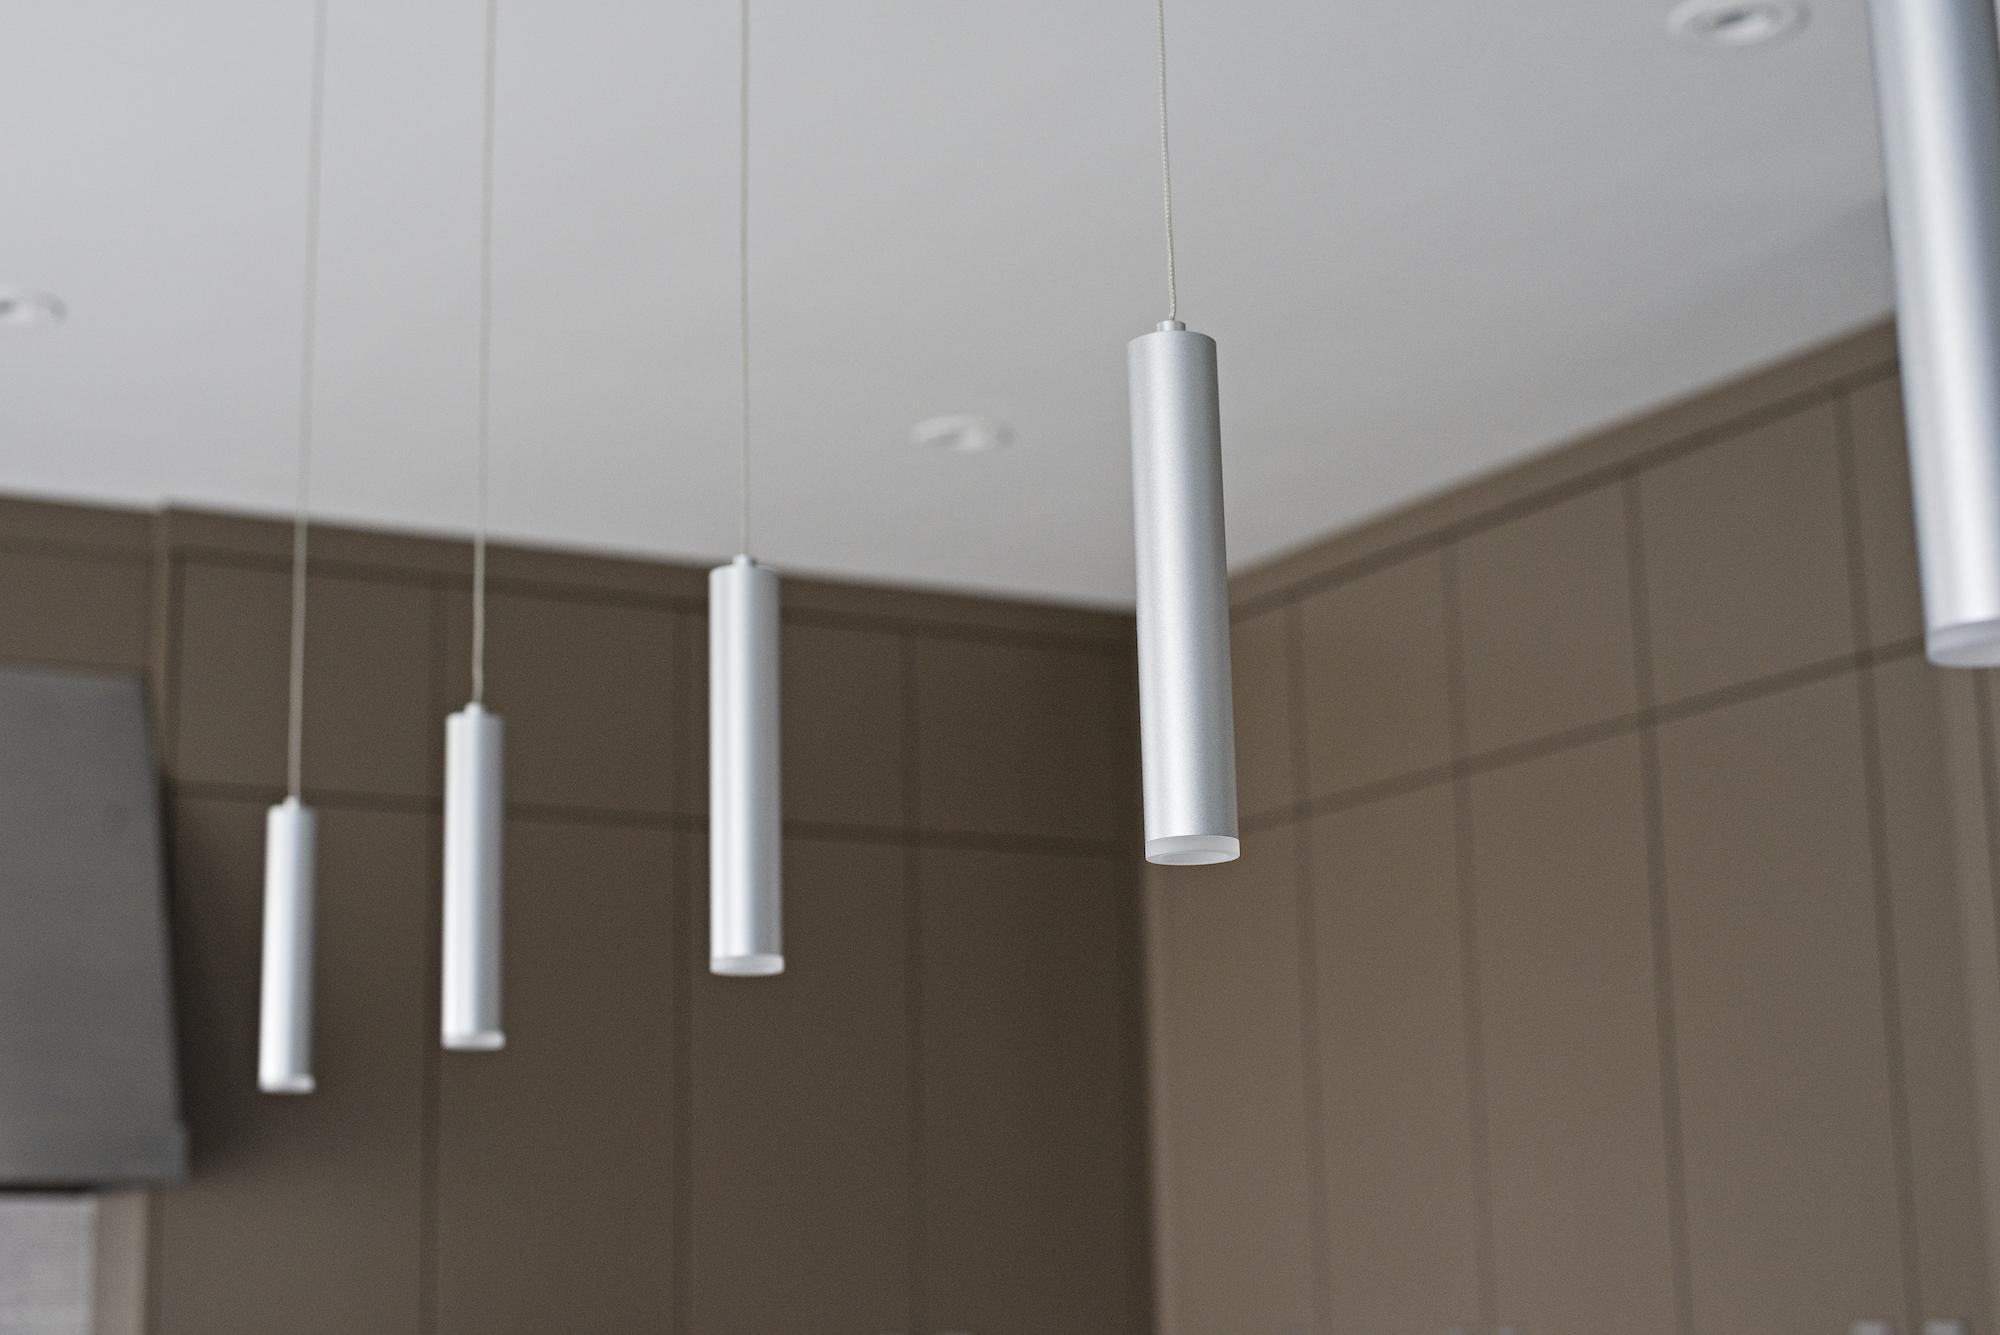 10 Kitchen Light Pendants.jpg